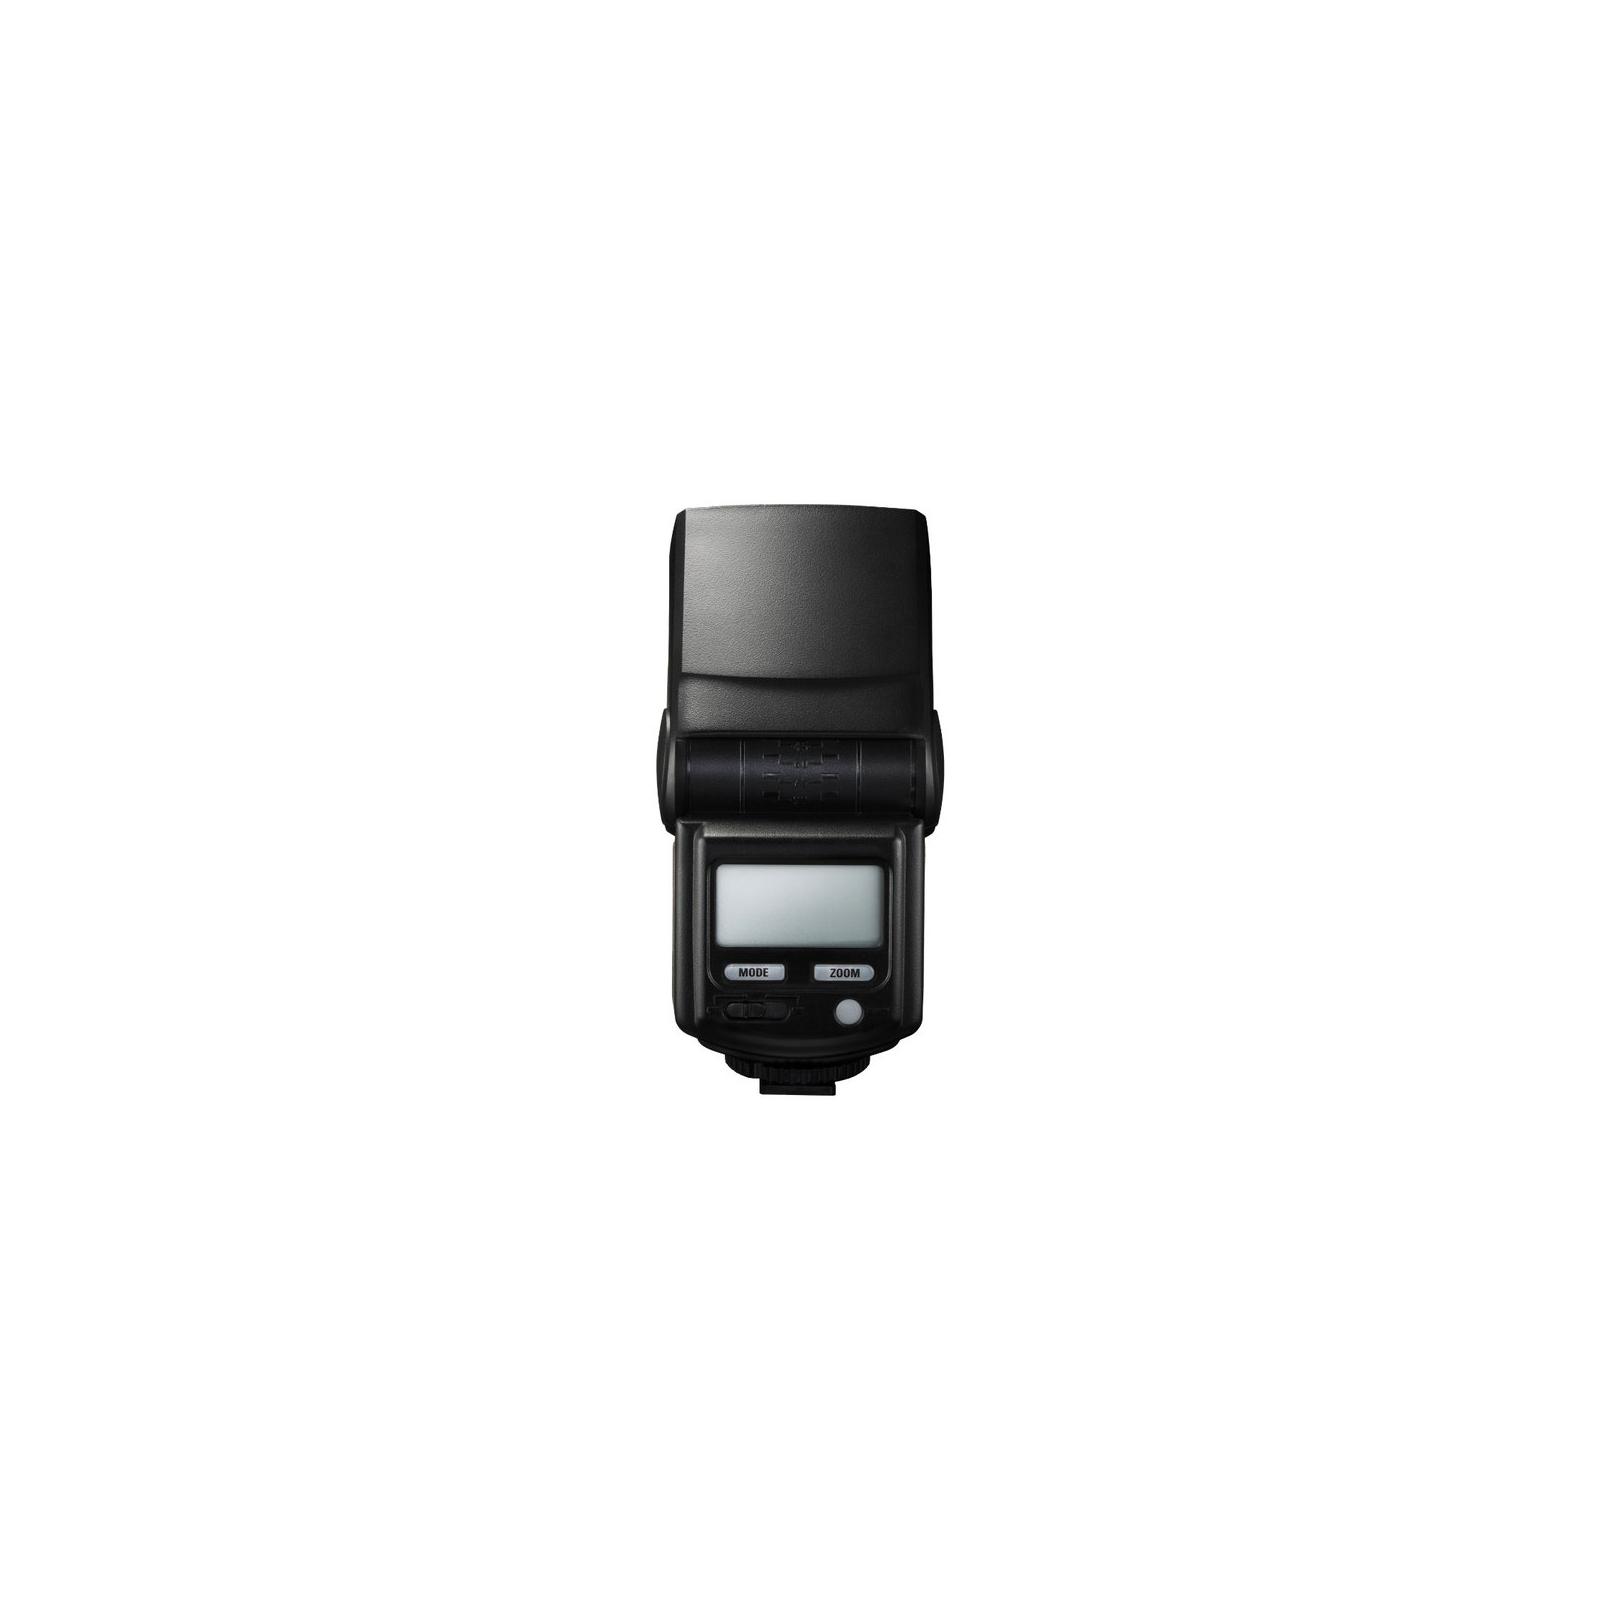 Вспышка Samsung Flash ED-SEF42A (ED-SEF42A) изображение 2